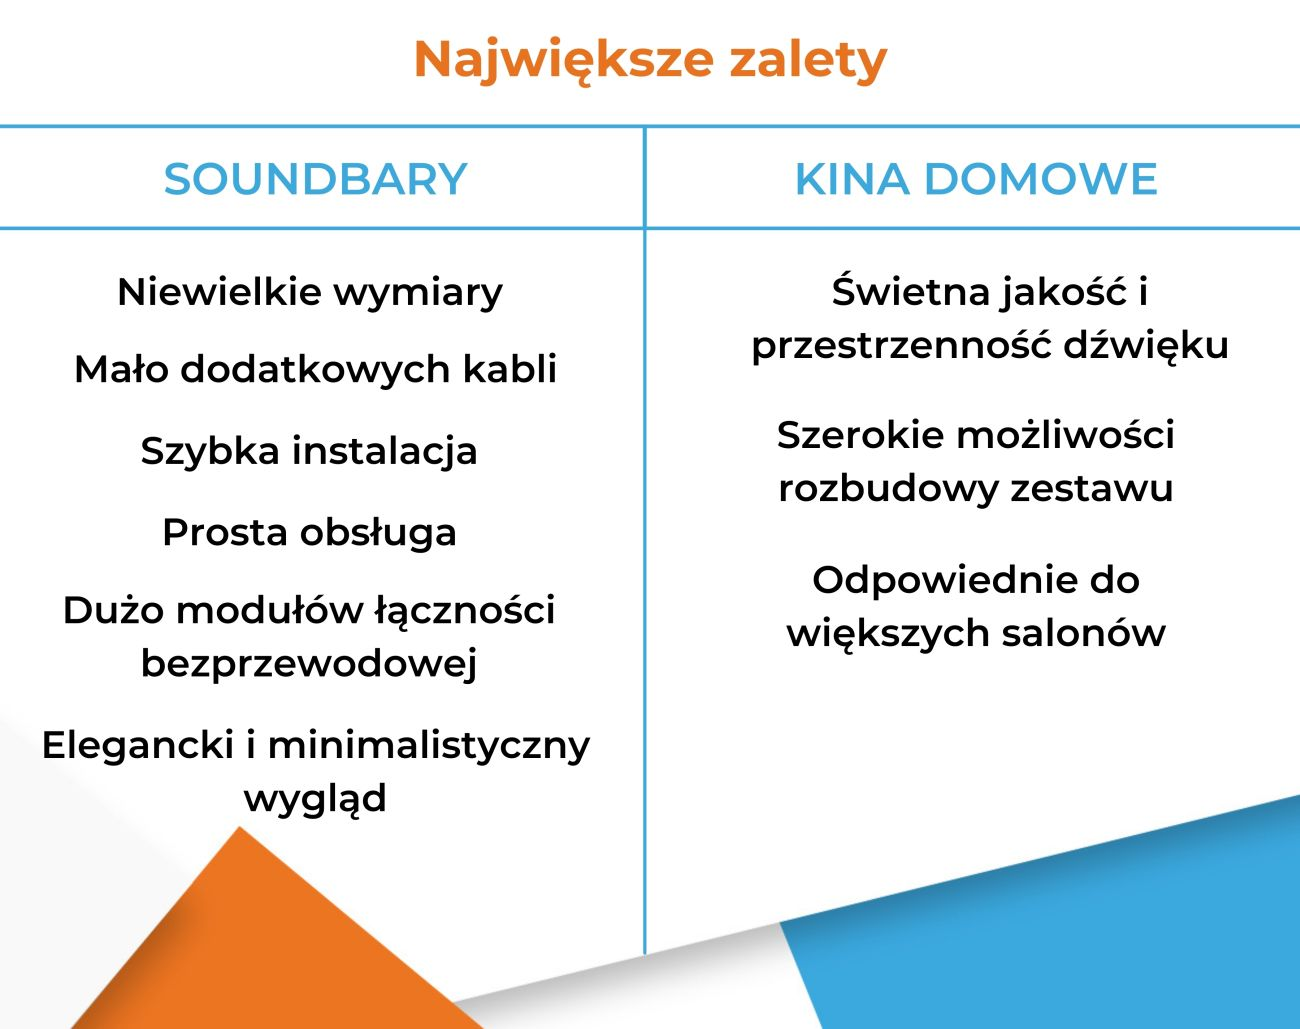 Soundbar czy kino domowe - Zalety - Infografika